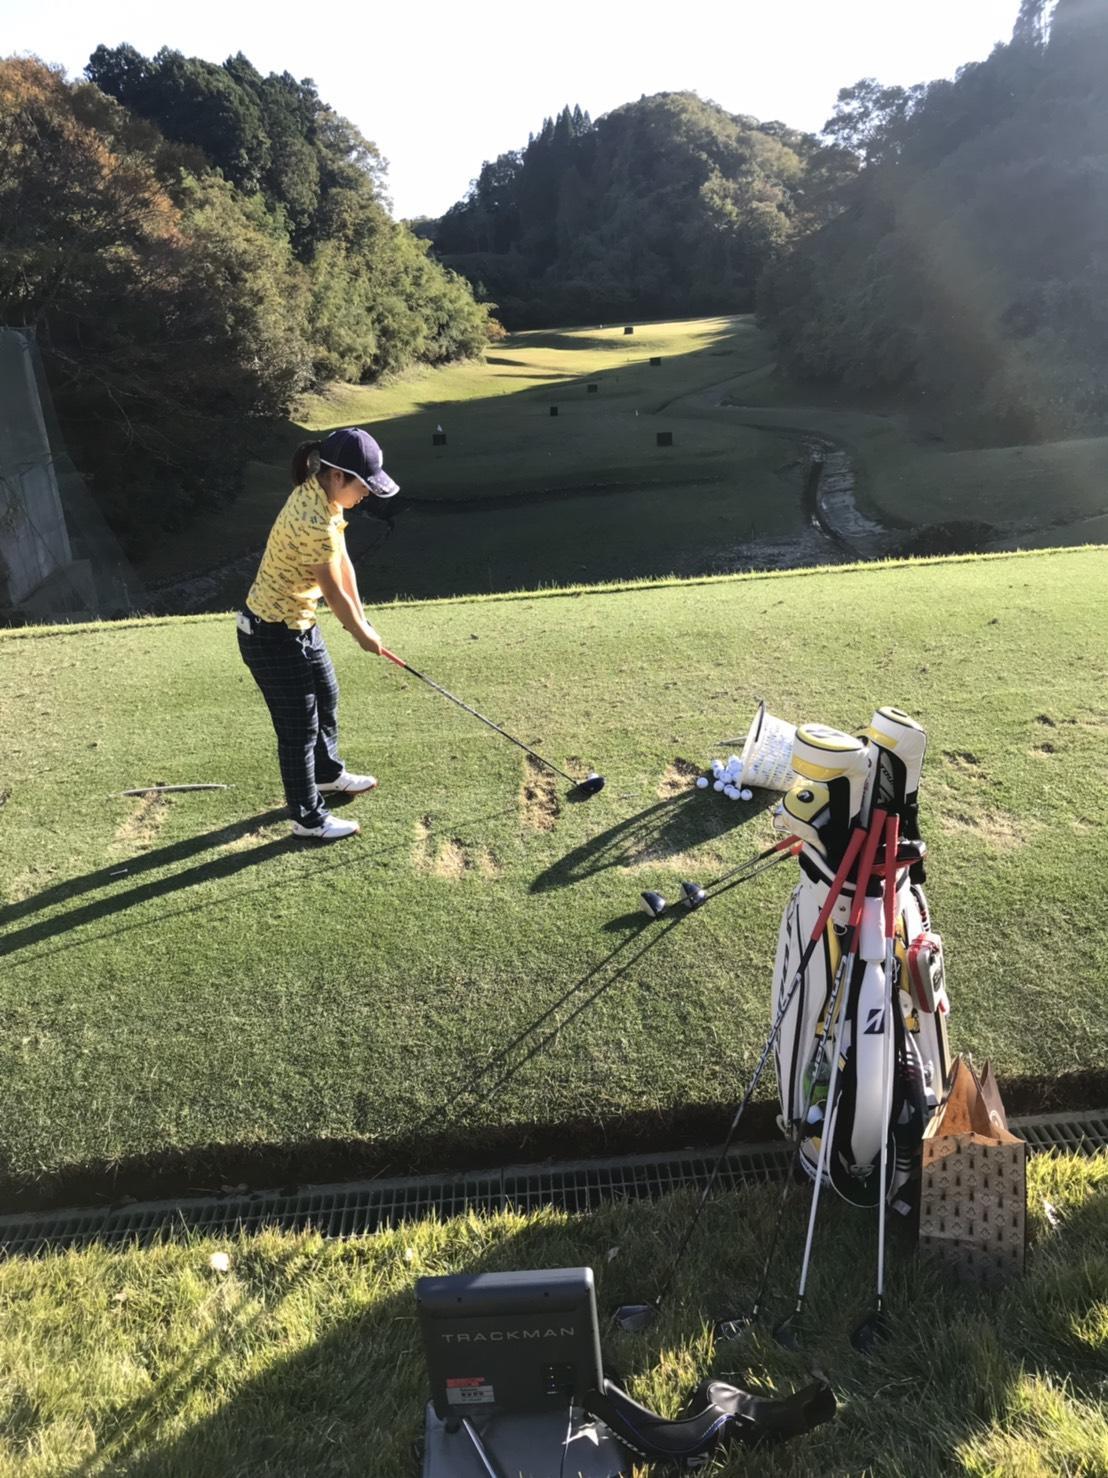 https://www.bs-golf.com/pro/88198a8a7e61d7f01bffa47e7435ae519b353cdb.JPG